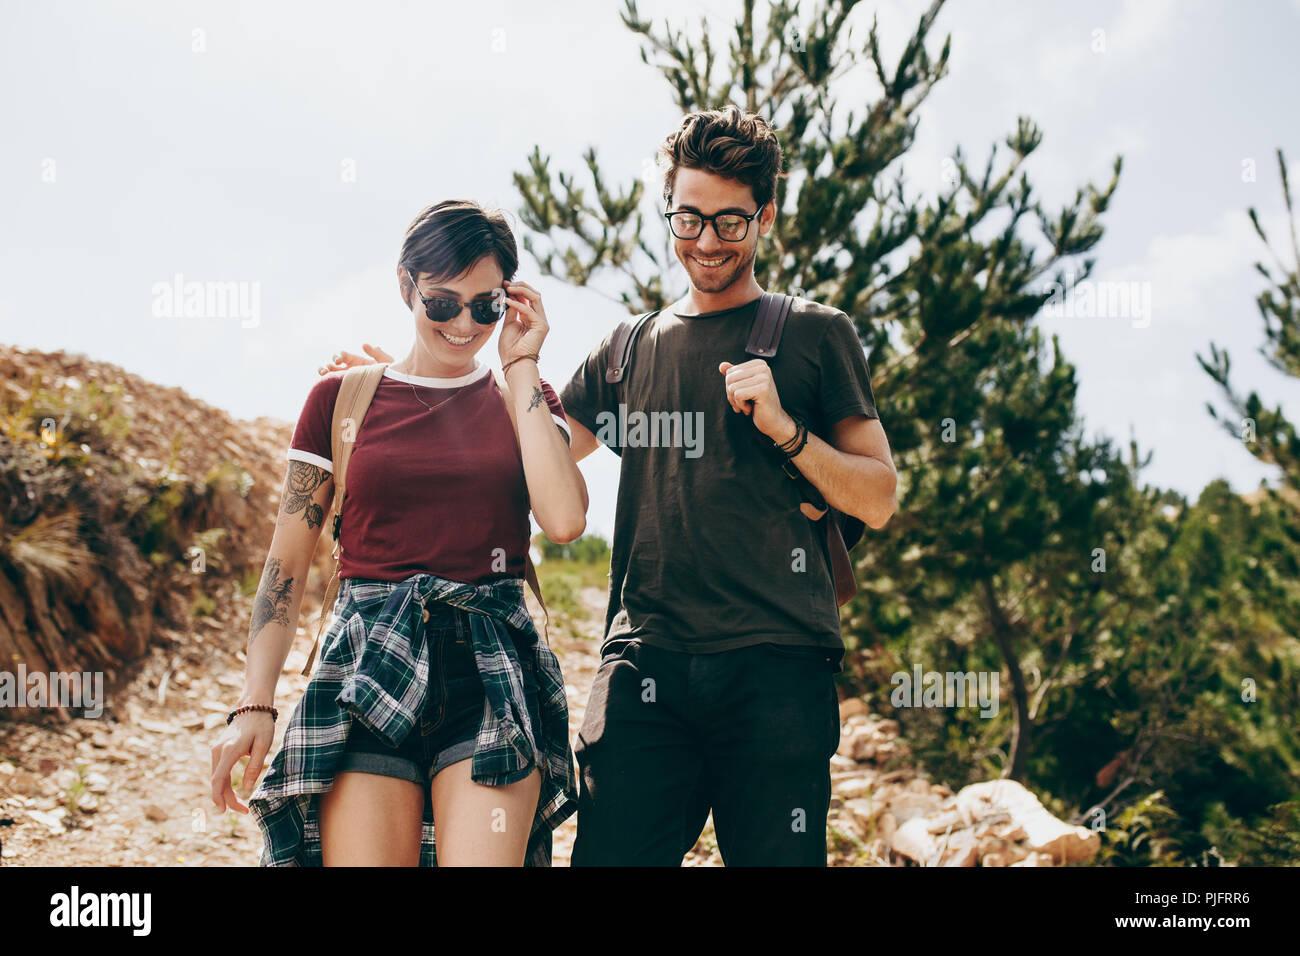 Paar wandern in ländlicher Umgebung. Mann und Frau trekking durch einen Wald Rucksäcke tragen. Stockbild